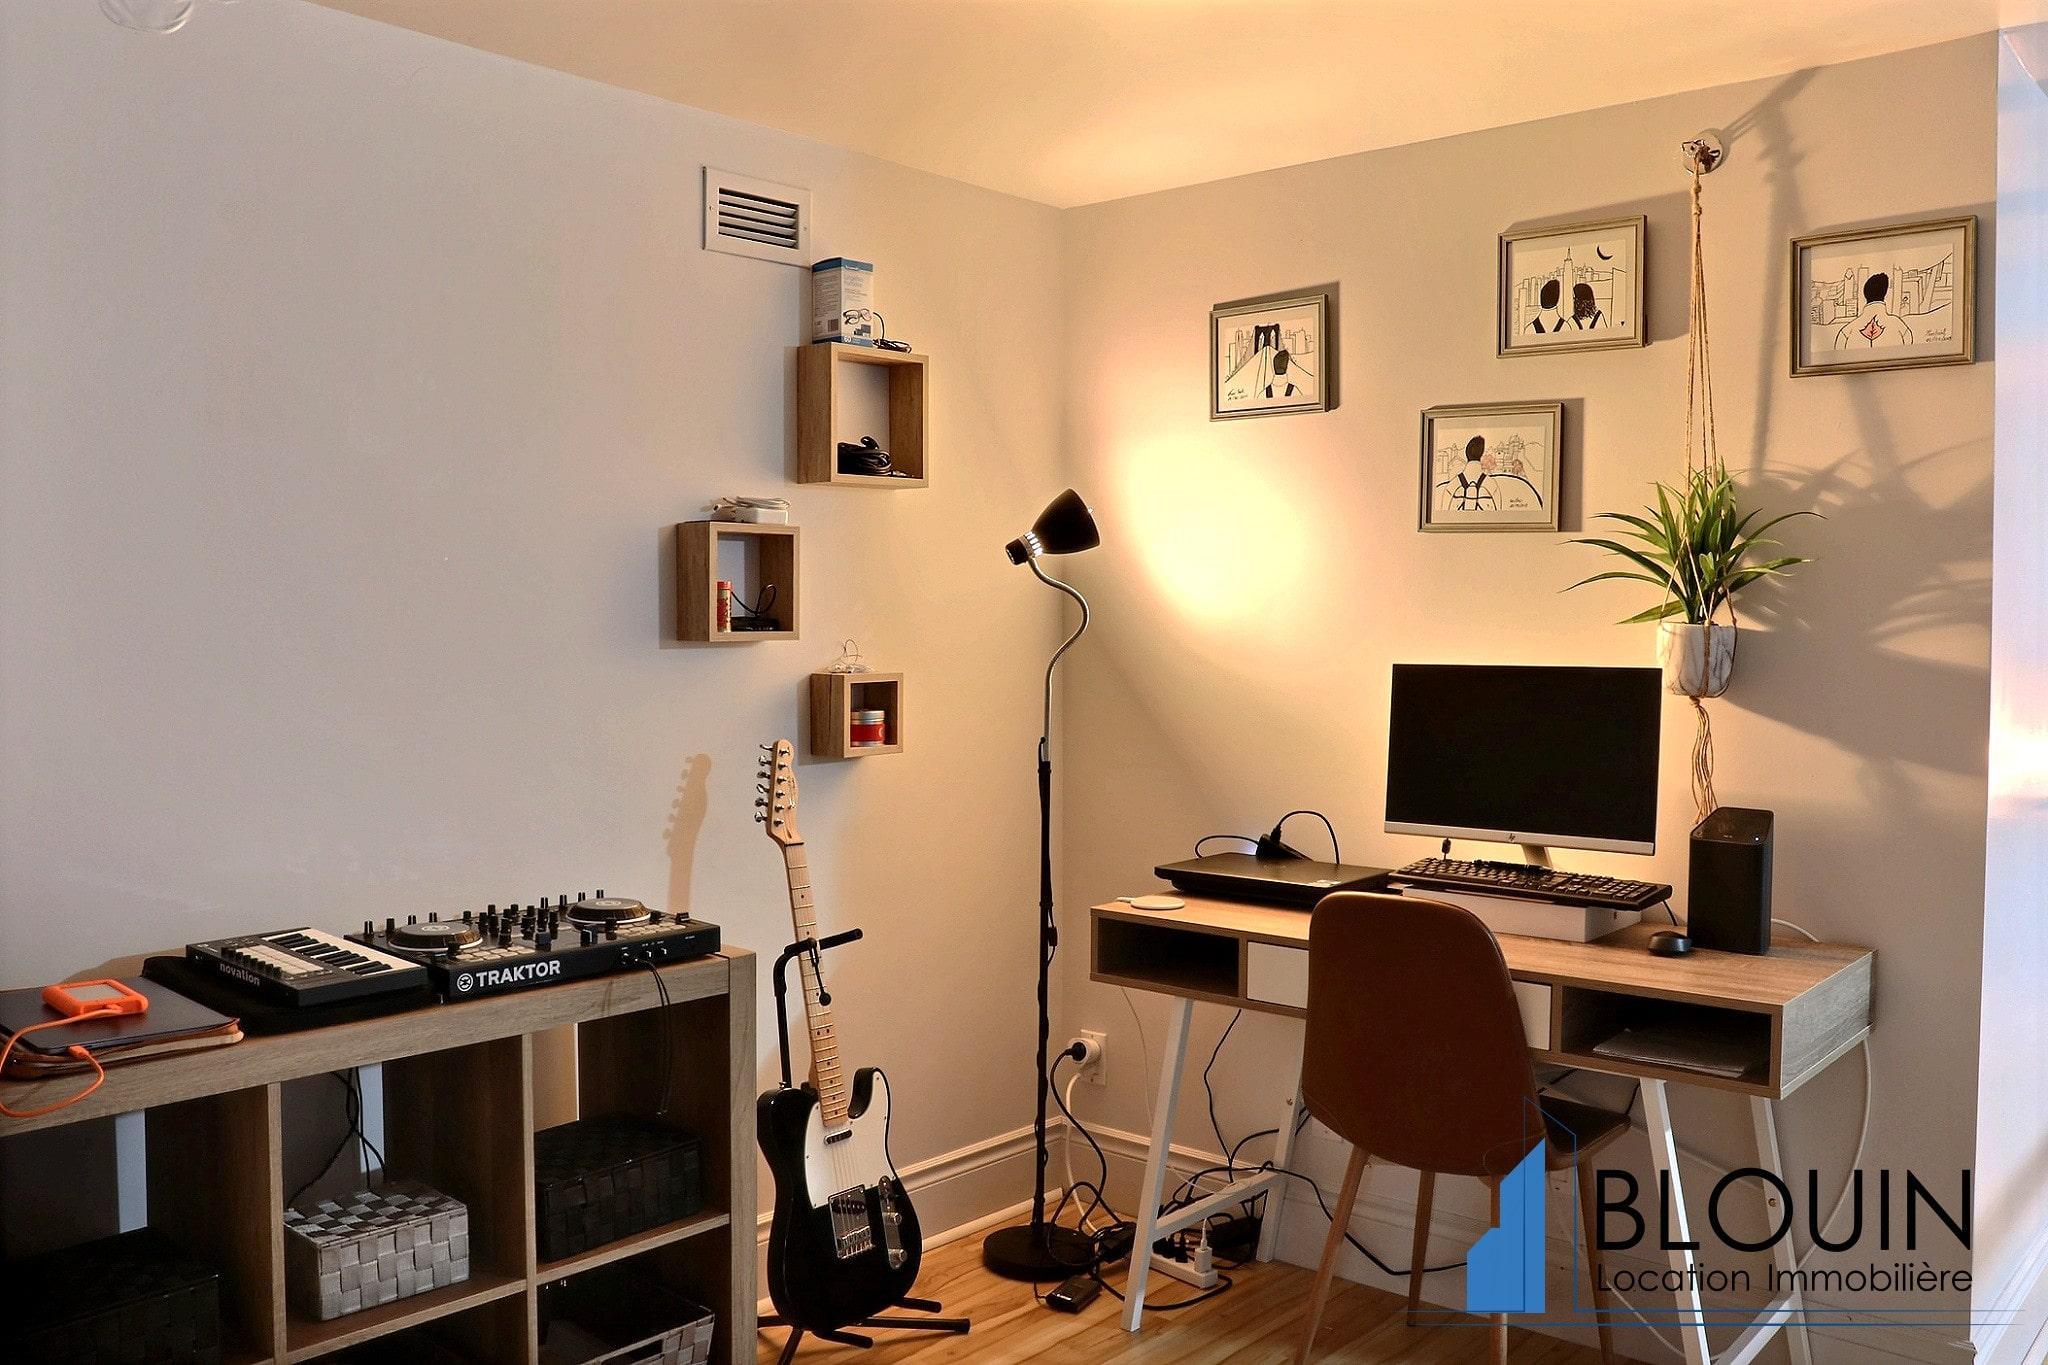 Photo 11 : Magnifique 3 ½ sur 2 étages, à St-Roch, libre pour Novembre, Semi-meublée